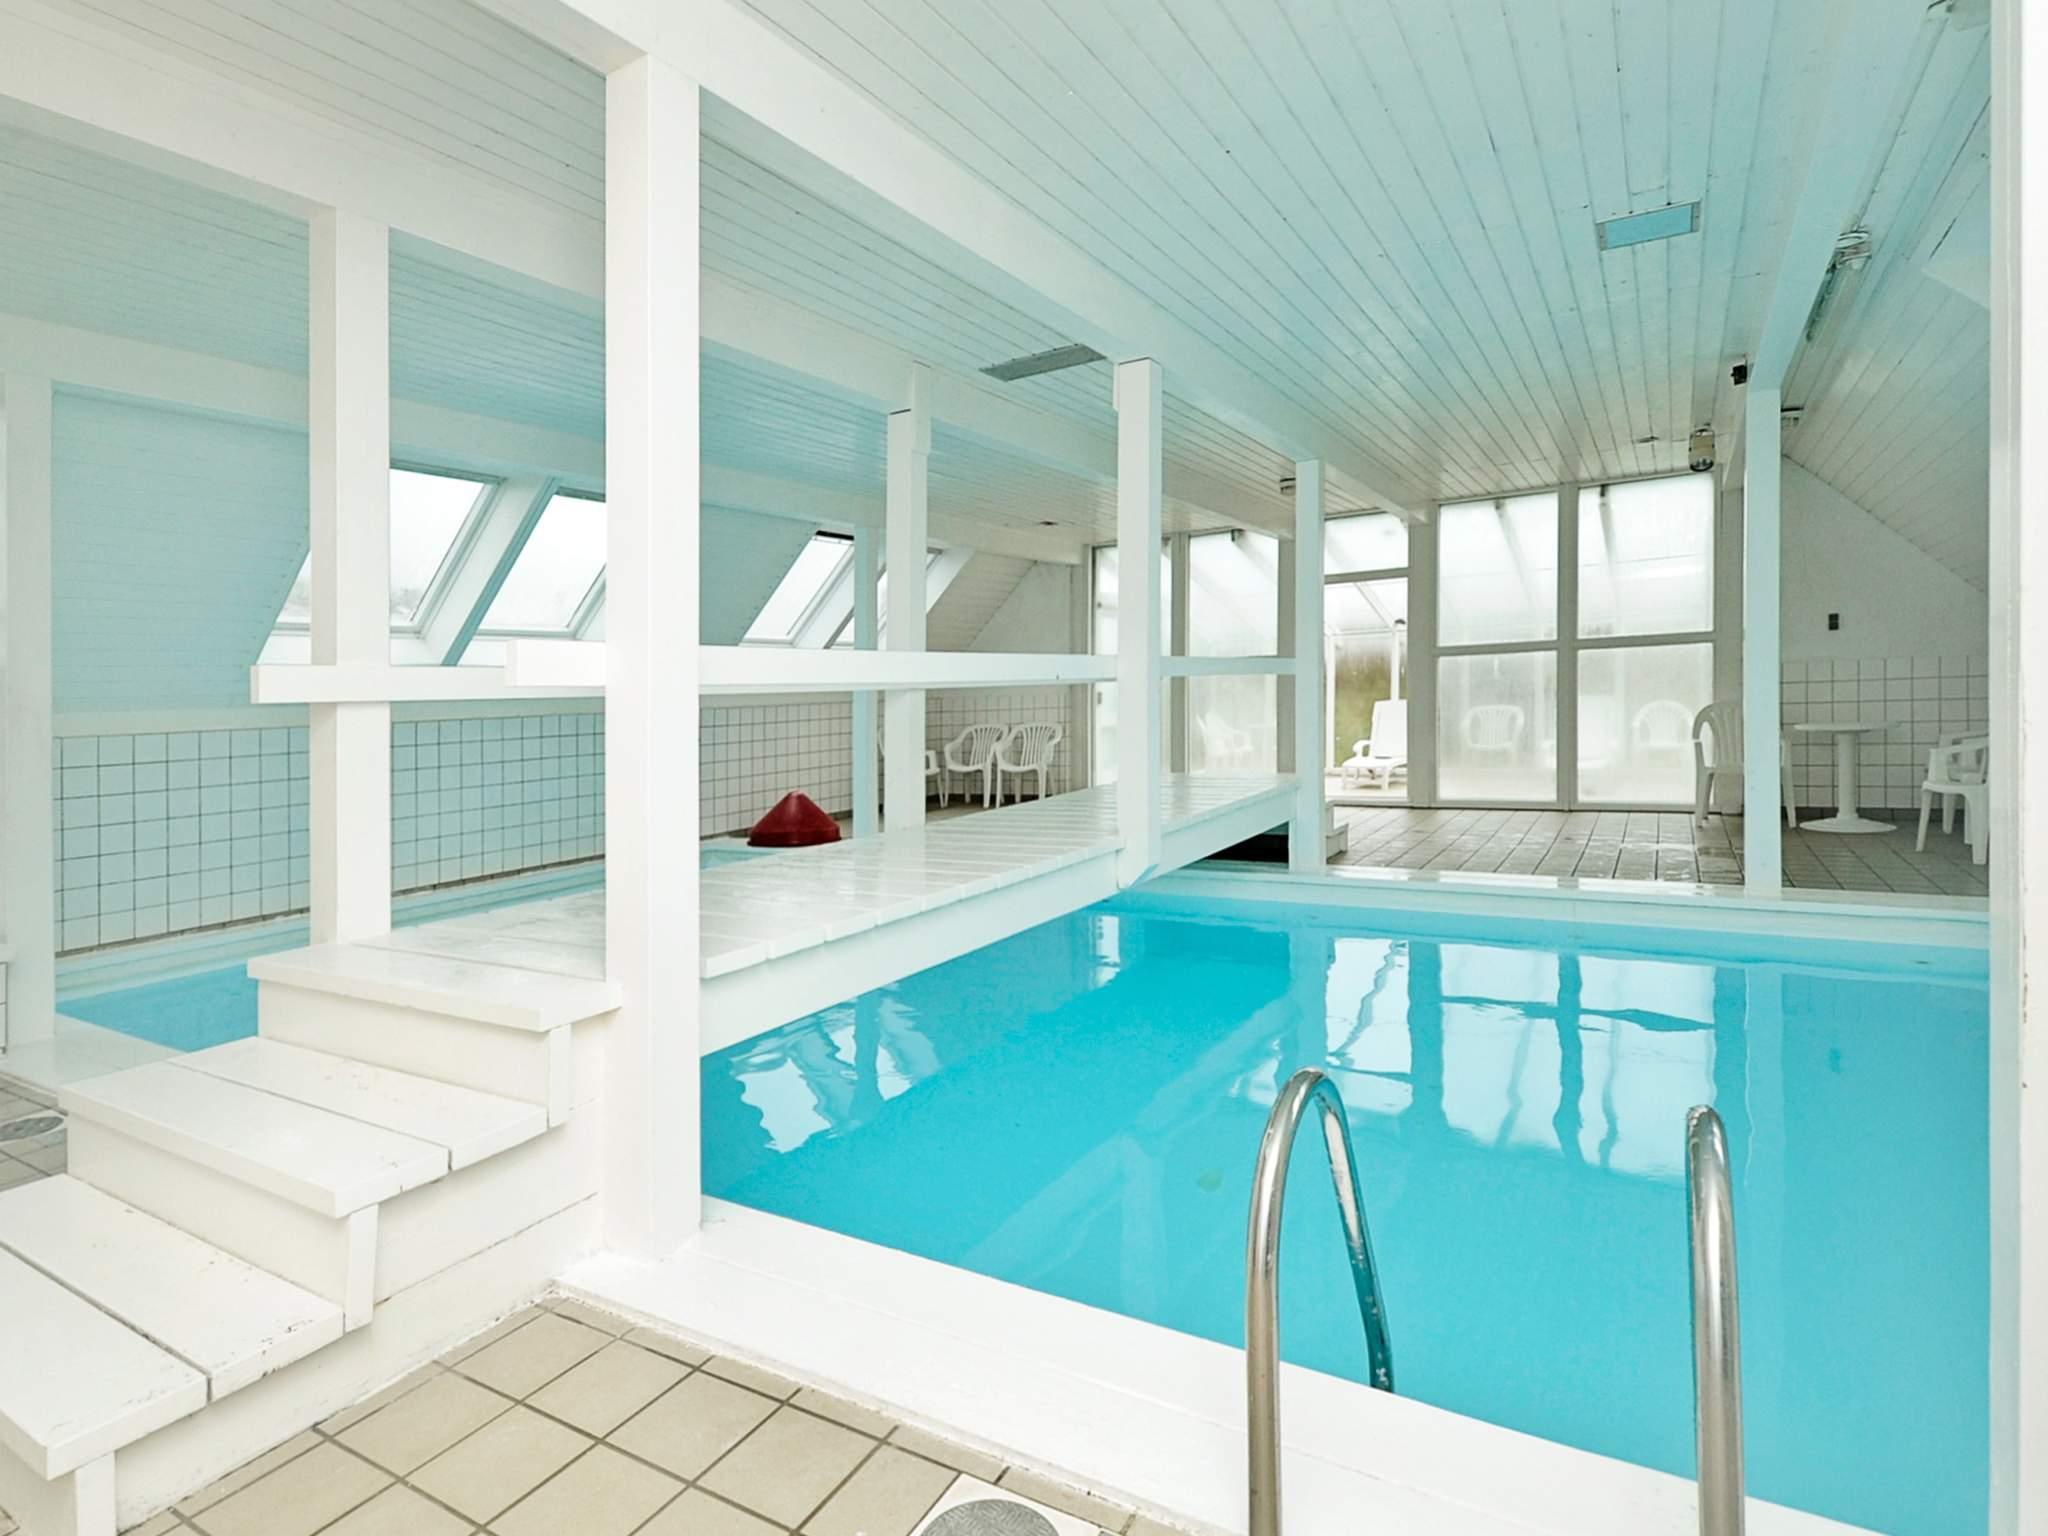 Ferienhaus Fjaltring Ferieby (88883), Fjaltring, , Limfjord, Dänemark, Bild 20